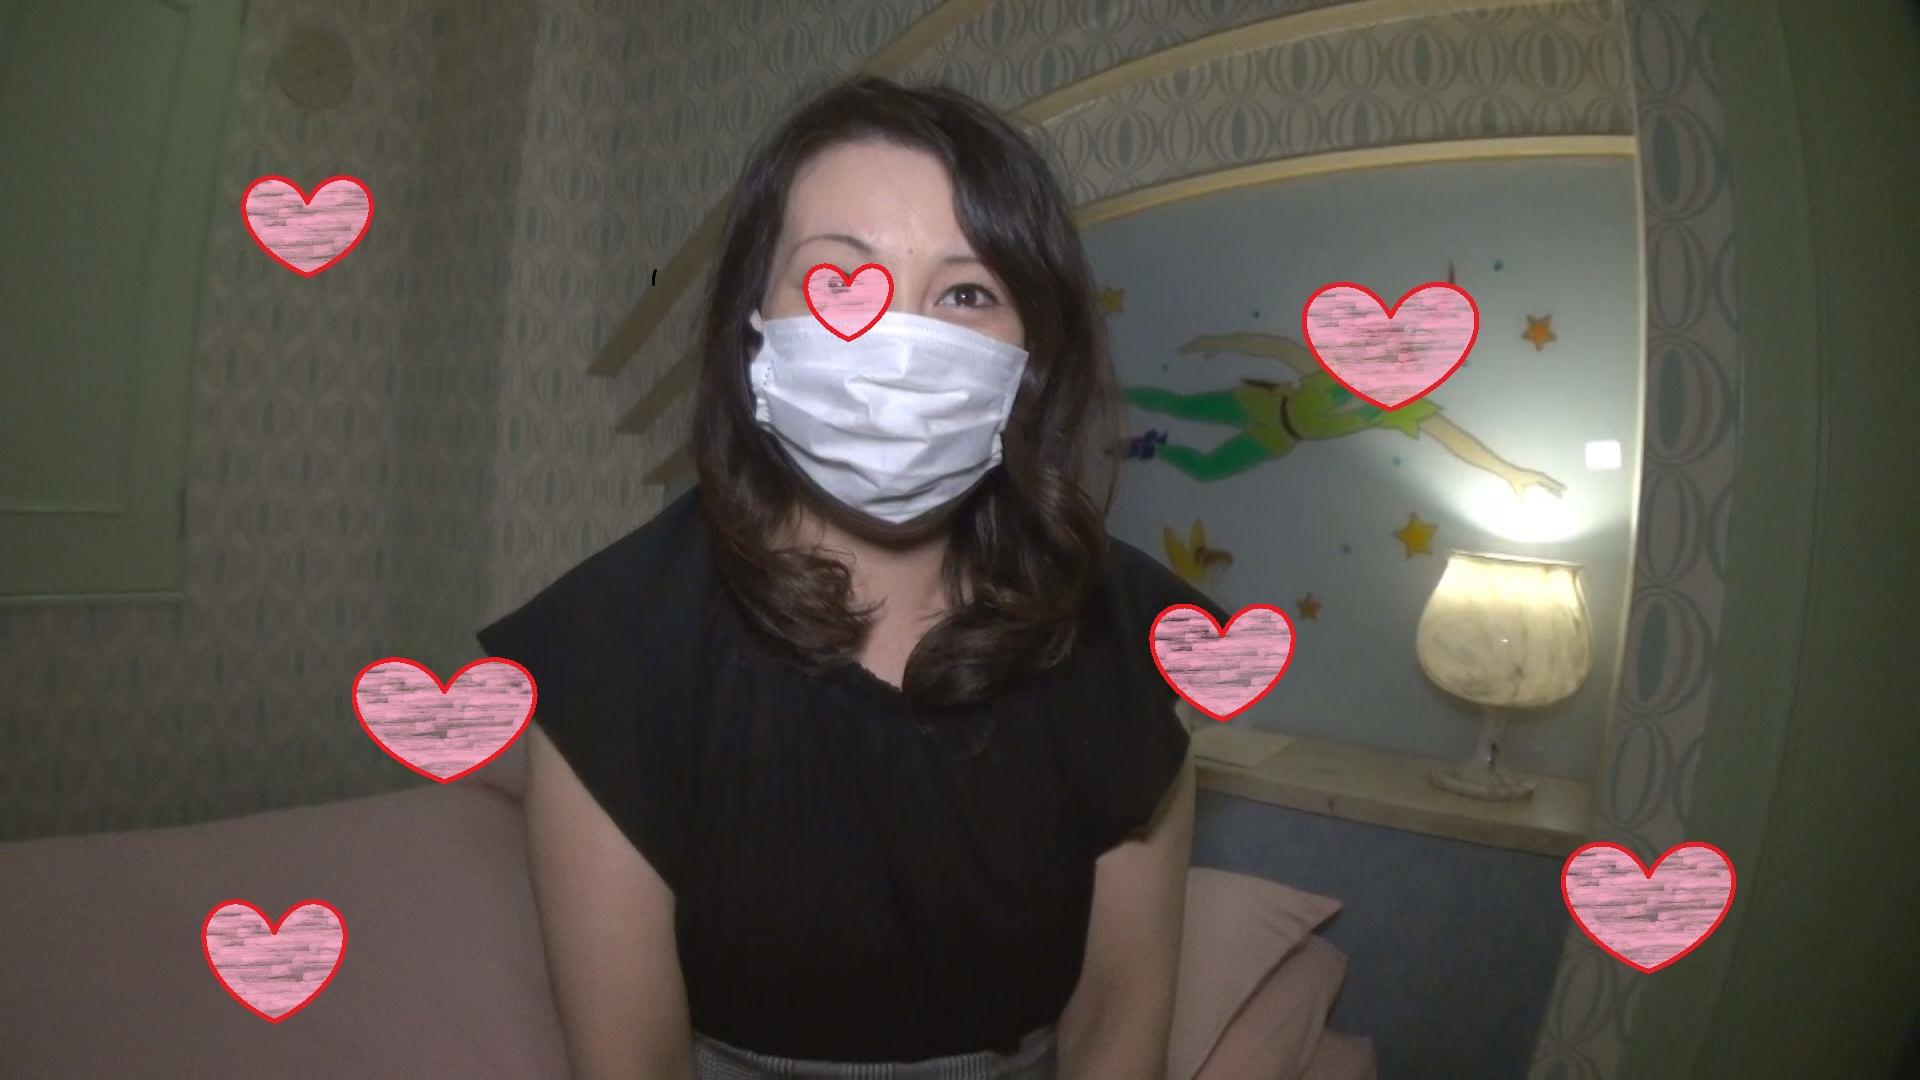 42歳専業主婦と生ハメ 「私…全身性感帯ですぐイッちゃうんです」個人撮影